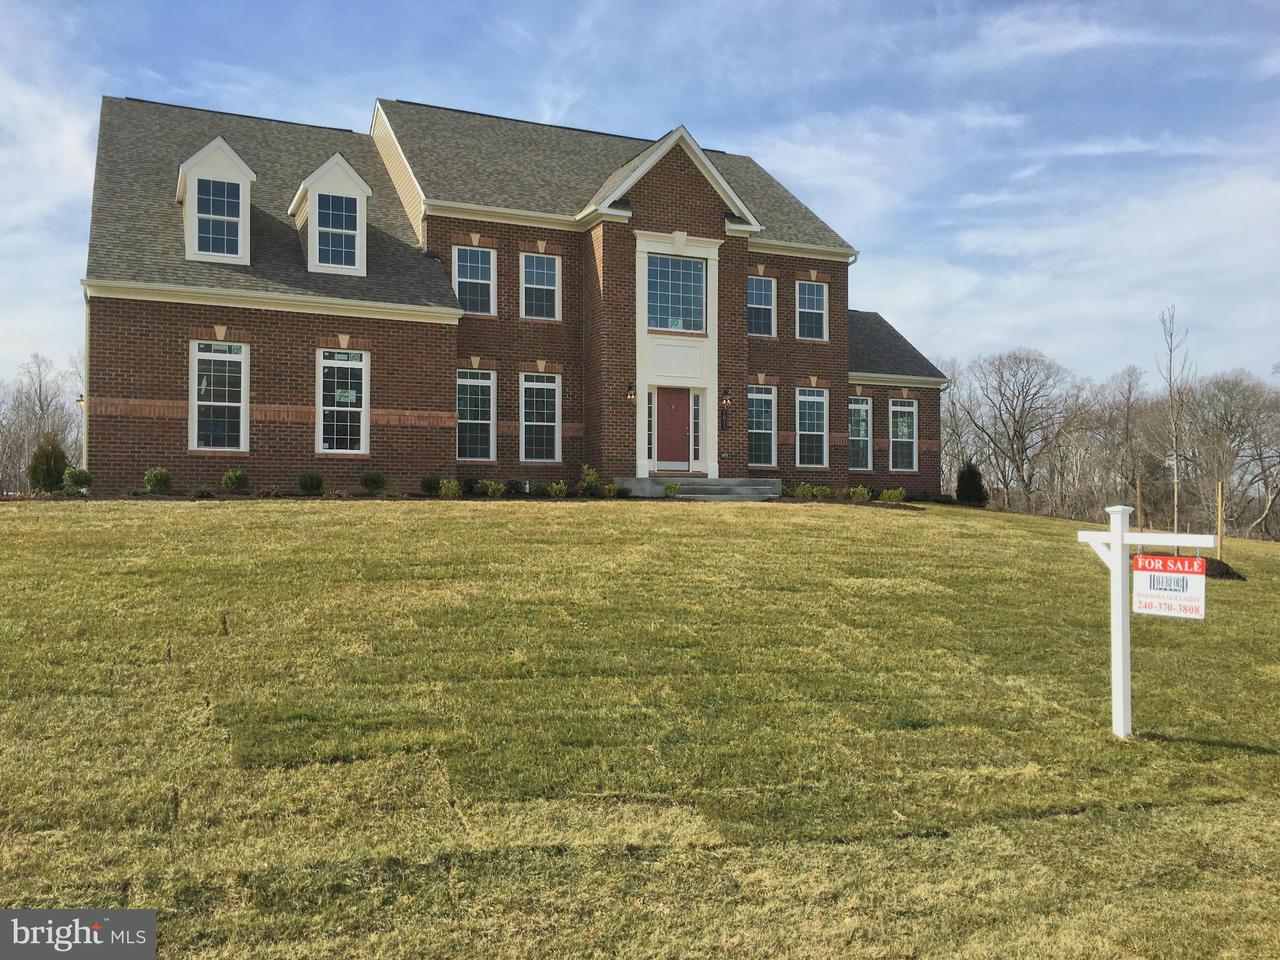 Частный односемейный дом для того Продажа на 13505 Bronze Back Court 13505 Bronze Back Court Brandywine, Мэриленд 20613 Соединенные Штаты